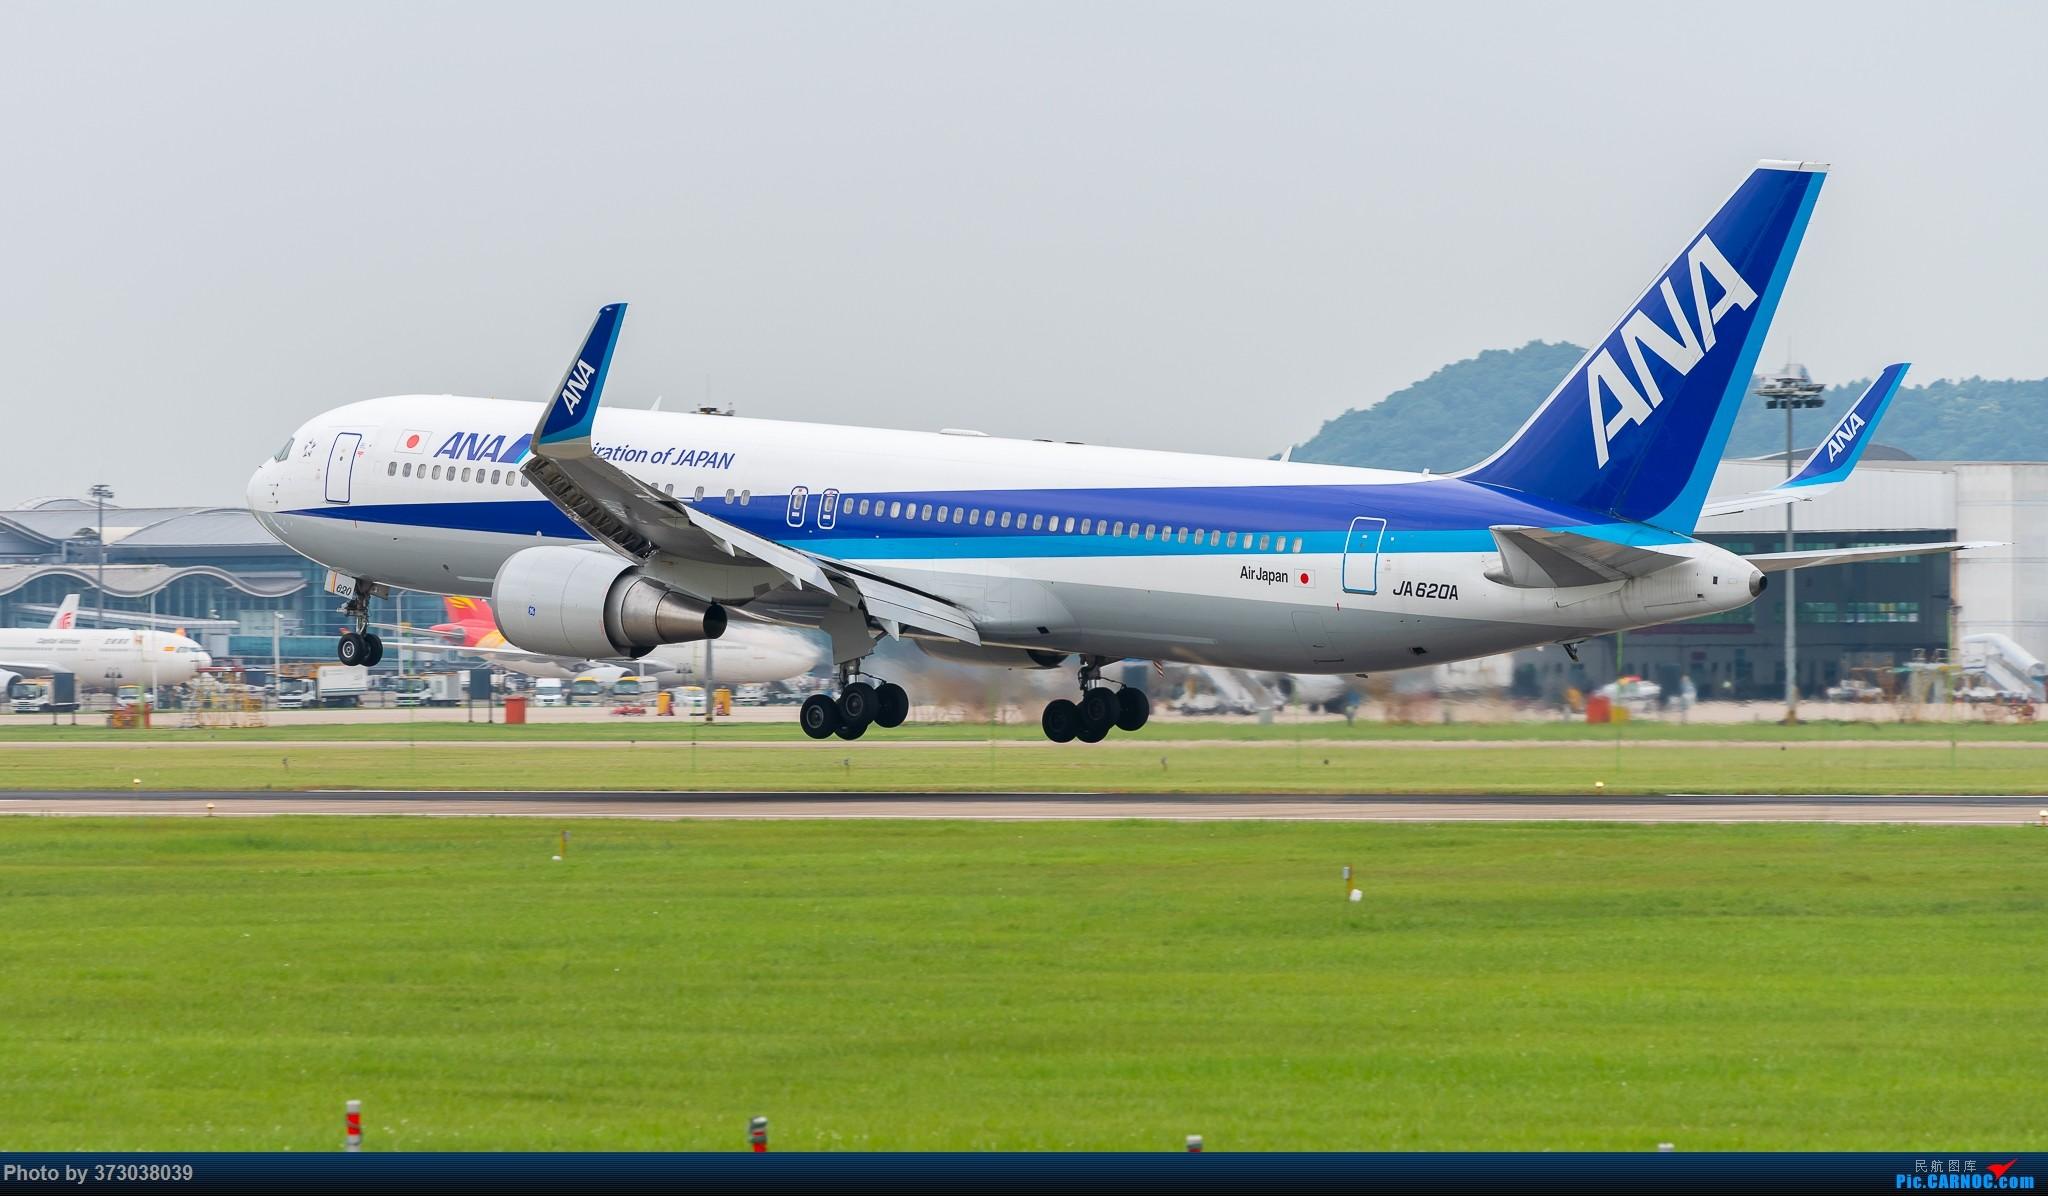 Re:[原创]【杭州飞友会】全日空 波音767 回归杭州萧山国际机场 BOEING 767-300 JA620A 中国杭州萧山国际机场